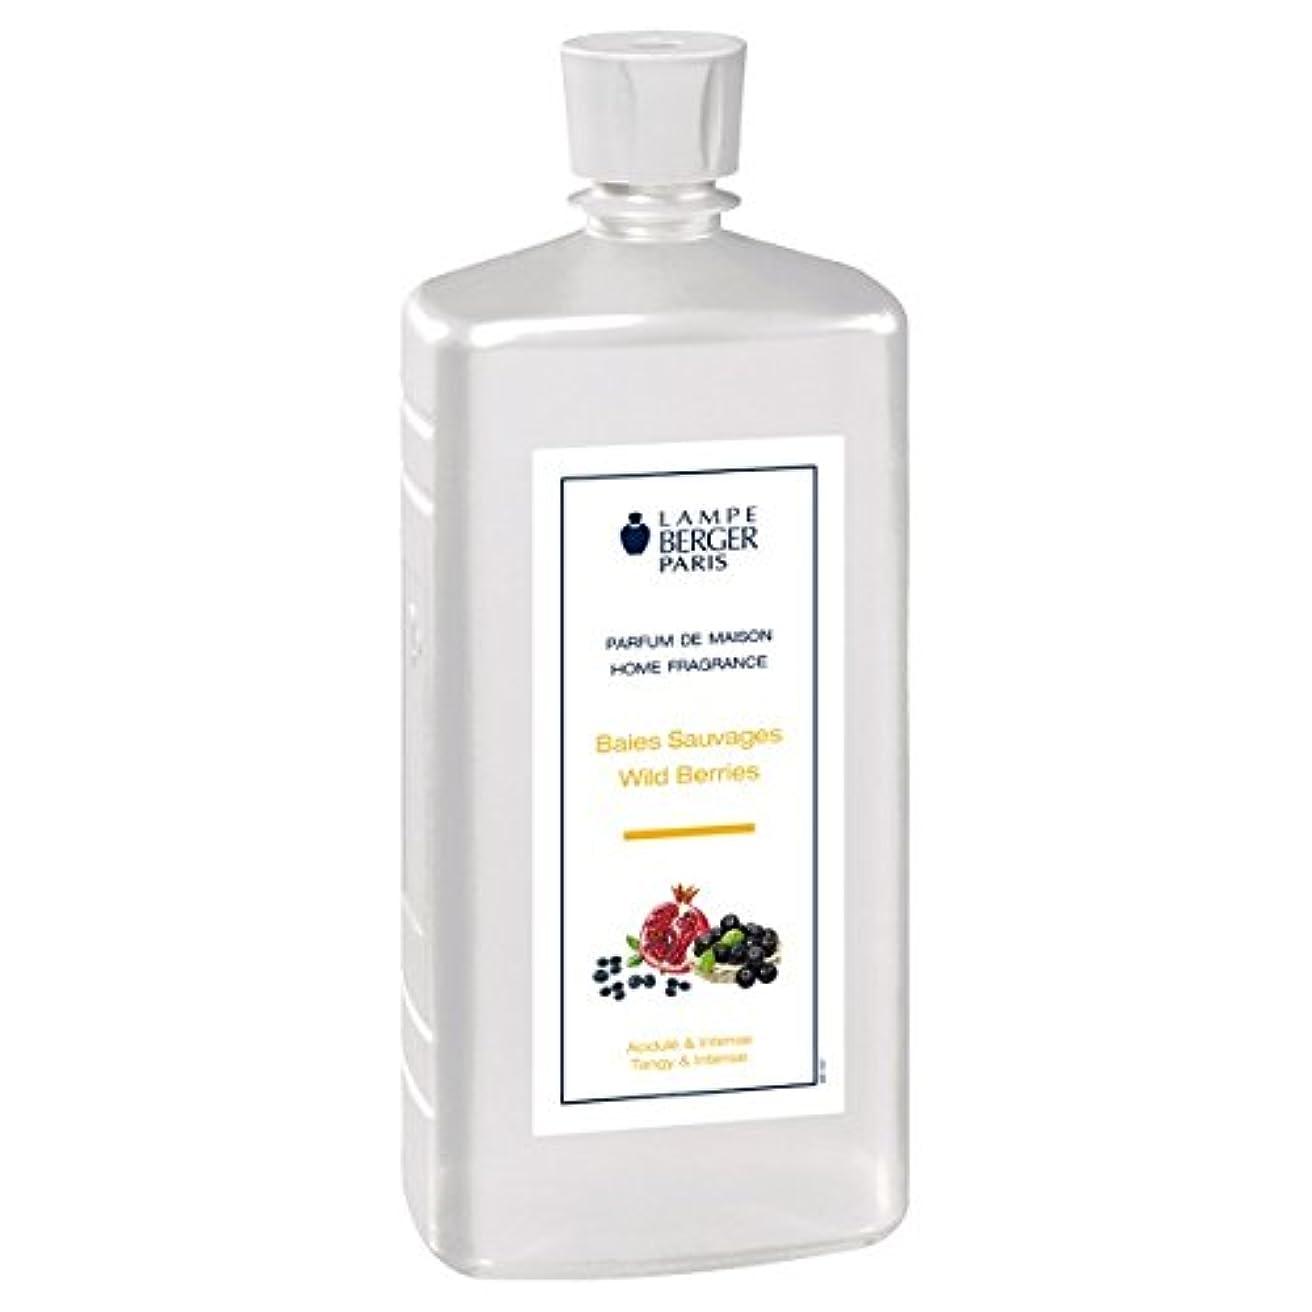 置換ハロウィンネックレットランプベルジェパリ直輸入パフュームアロマオイル1Lワイルドベリーズの香り(甘いリキュールの香りがアクセントでラストのレッドドラゴンフルーツやムスクなどの優しいハーモニーの香り